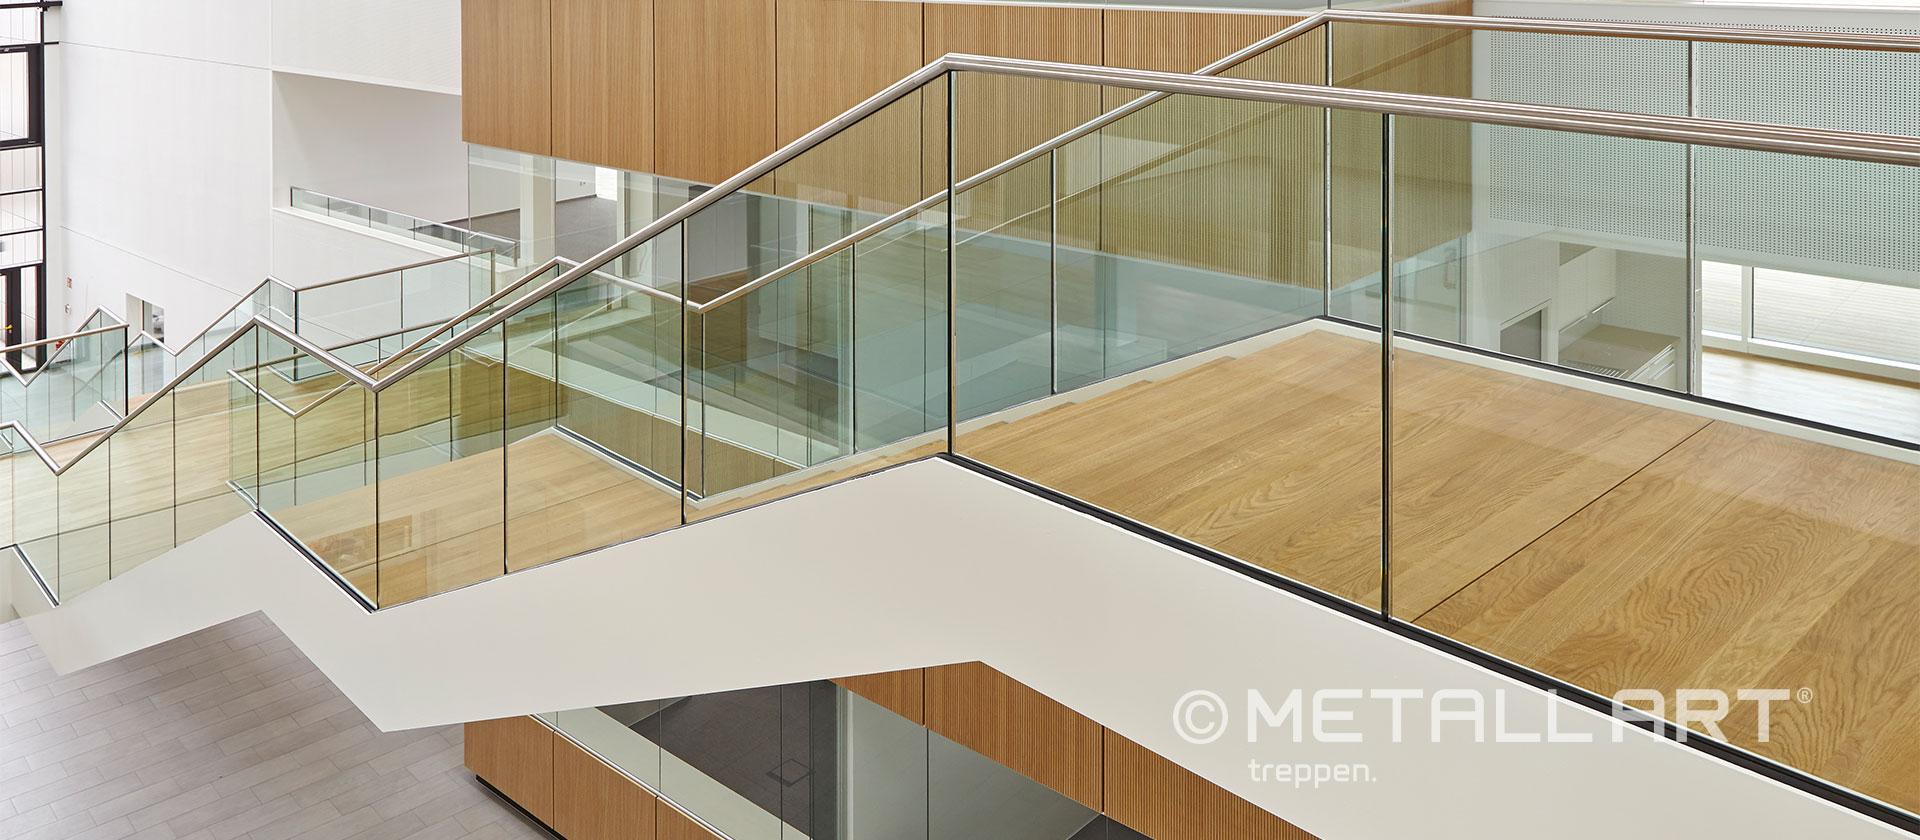 Treppe mit Brücke und Glasgeländer